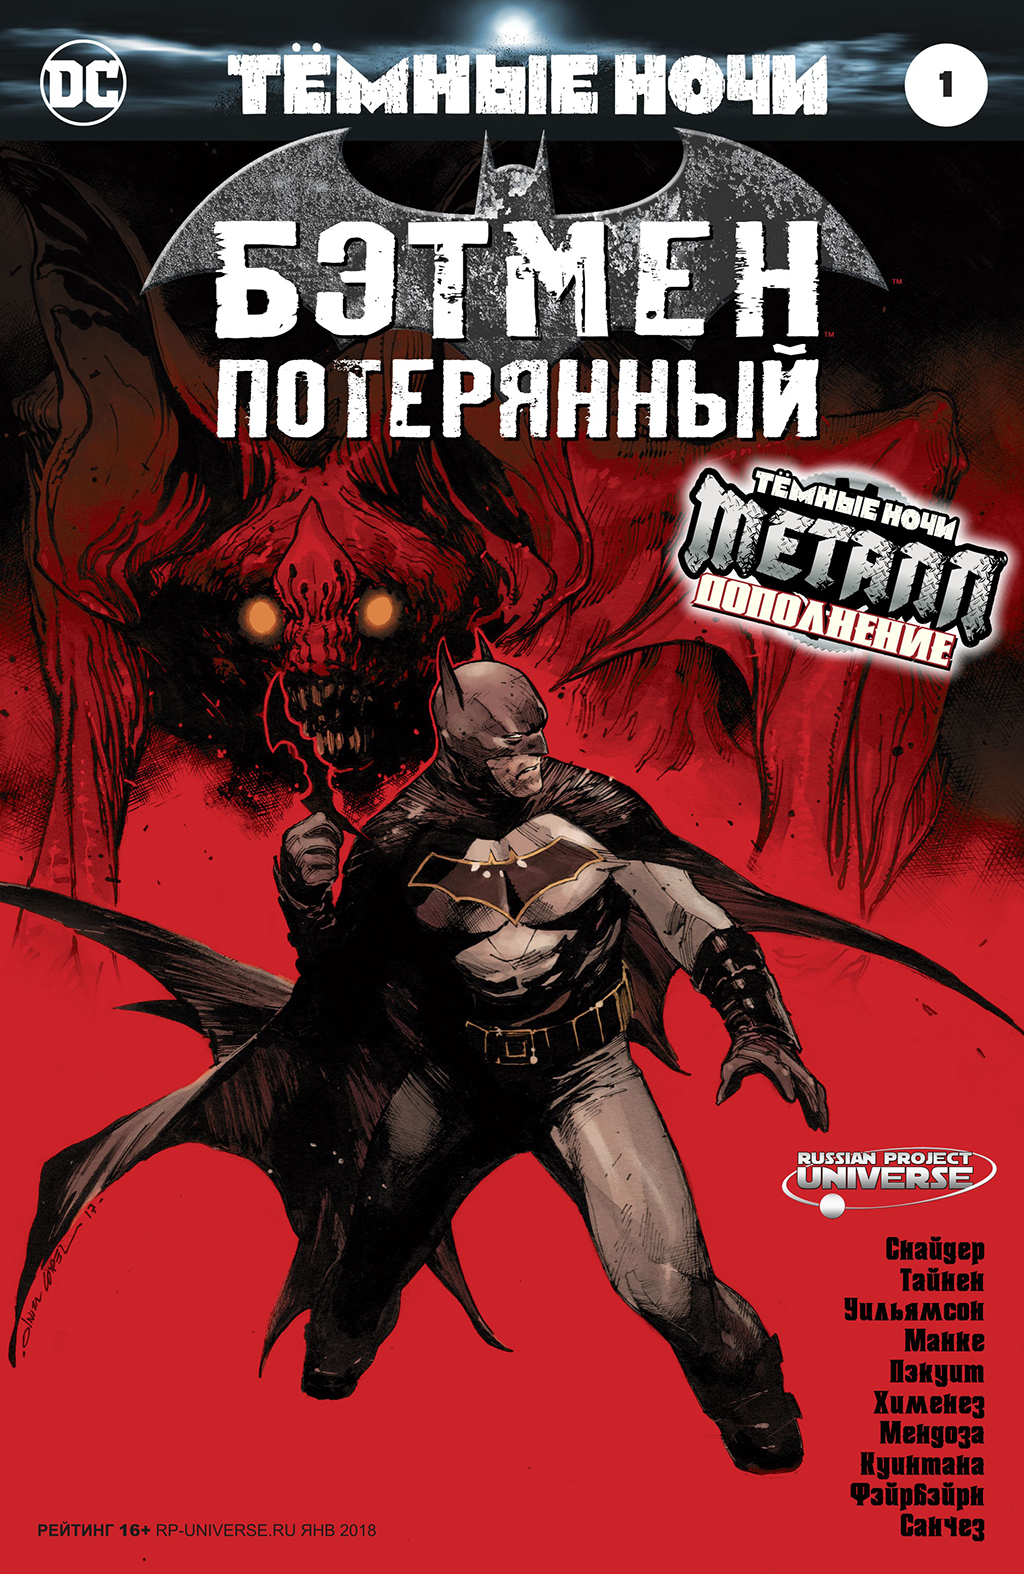 Комикс Тёмные ночи: Бэтмен - Потерянный